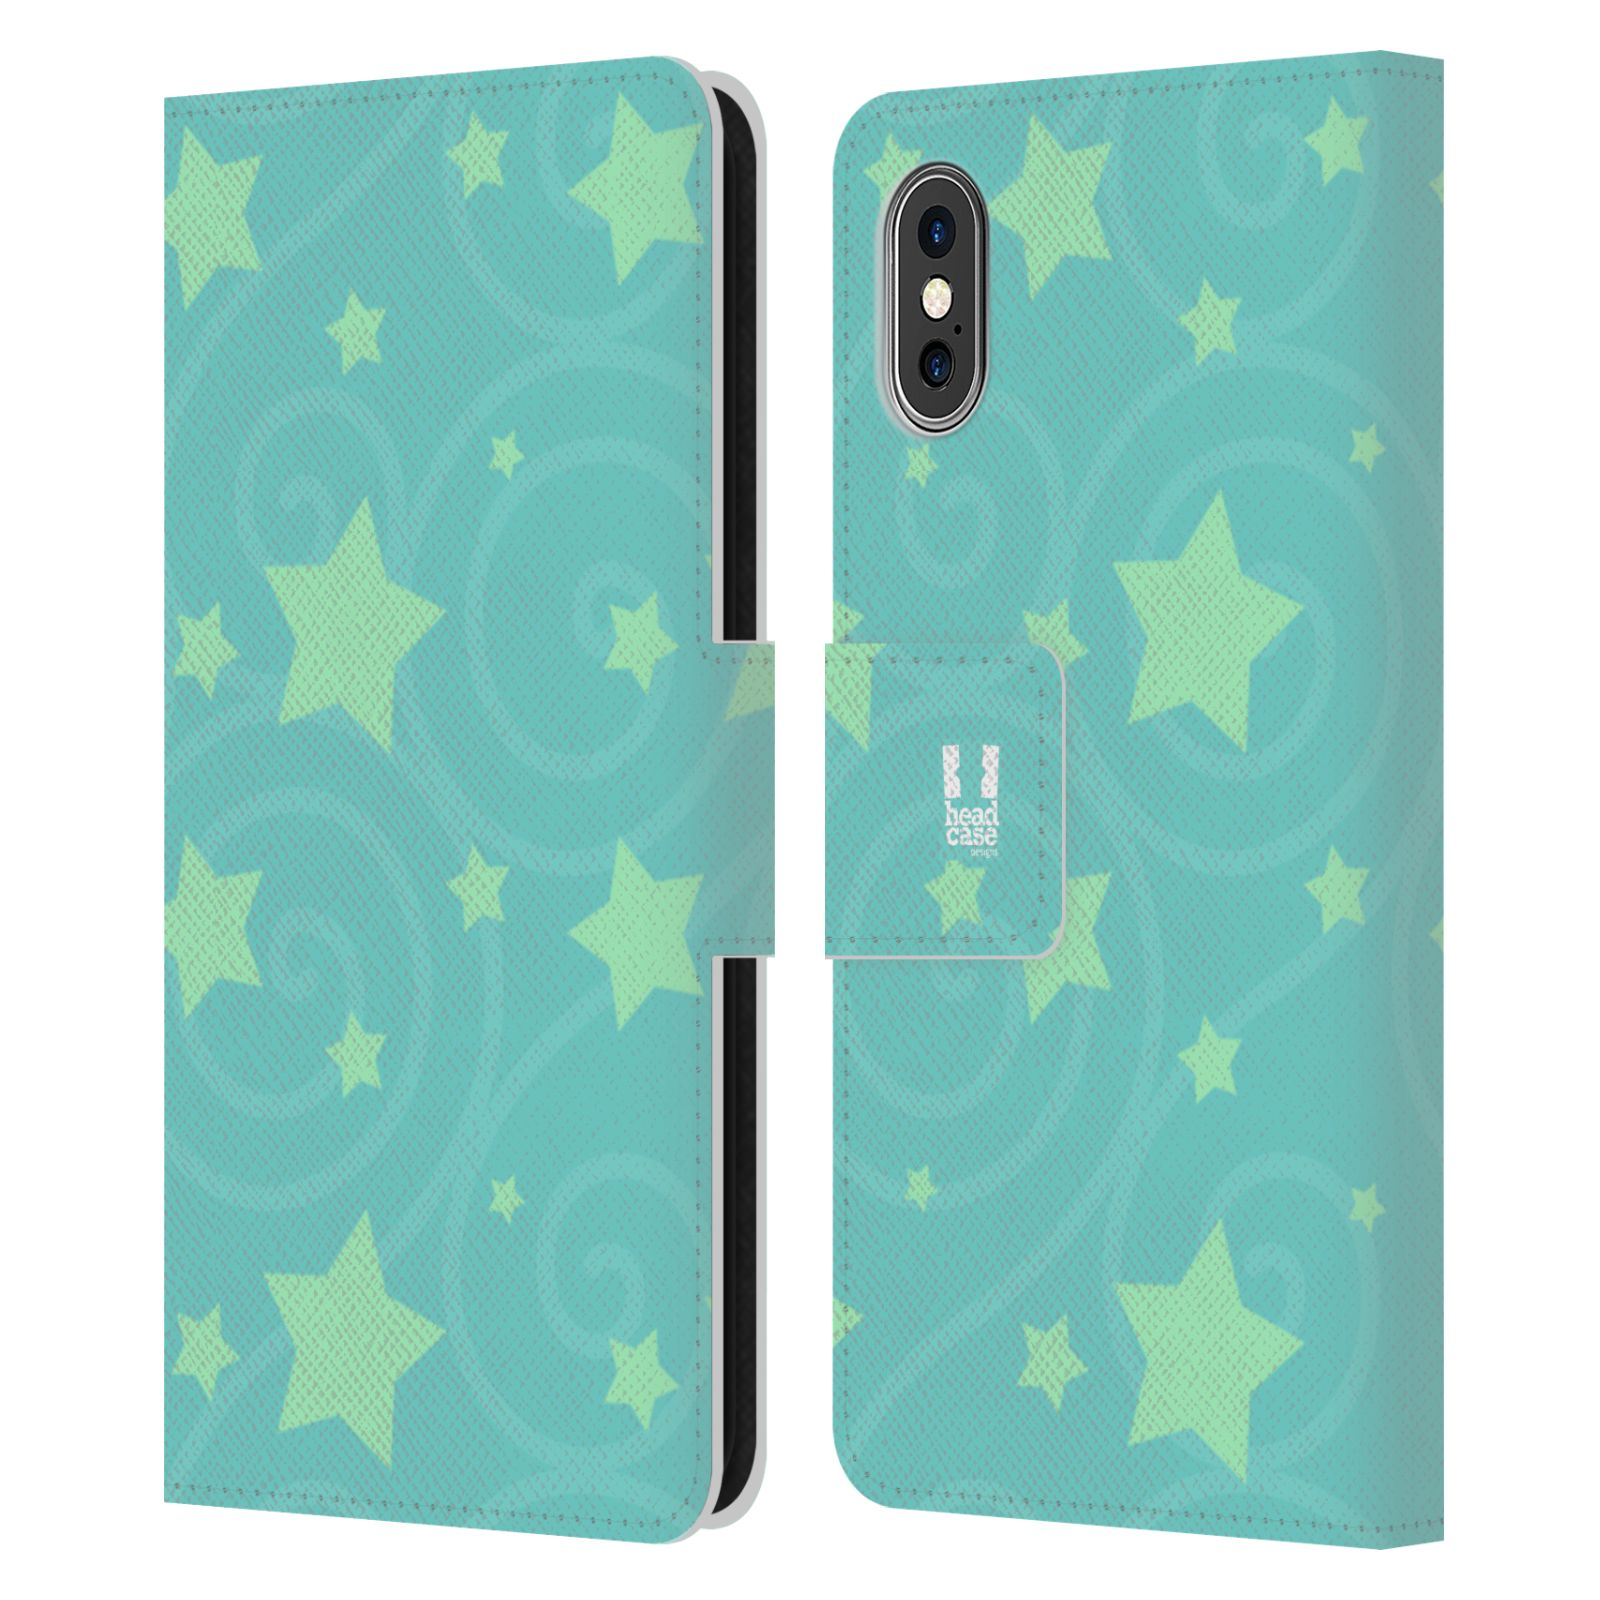 HEAD CASE Flipové pouzdro pro mobil Apple Iphone X / XS vzor hvězdičky modrá